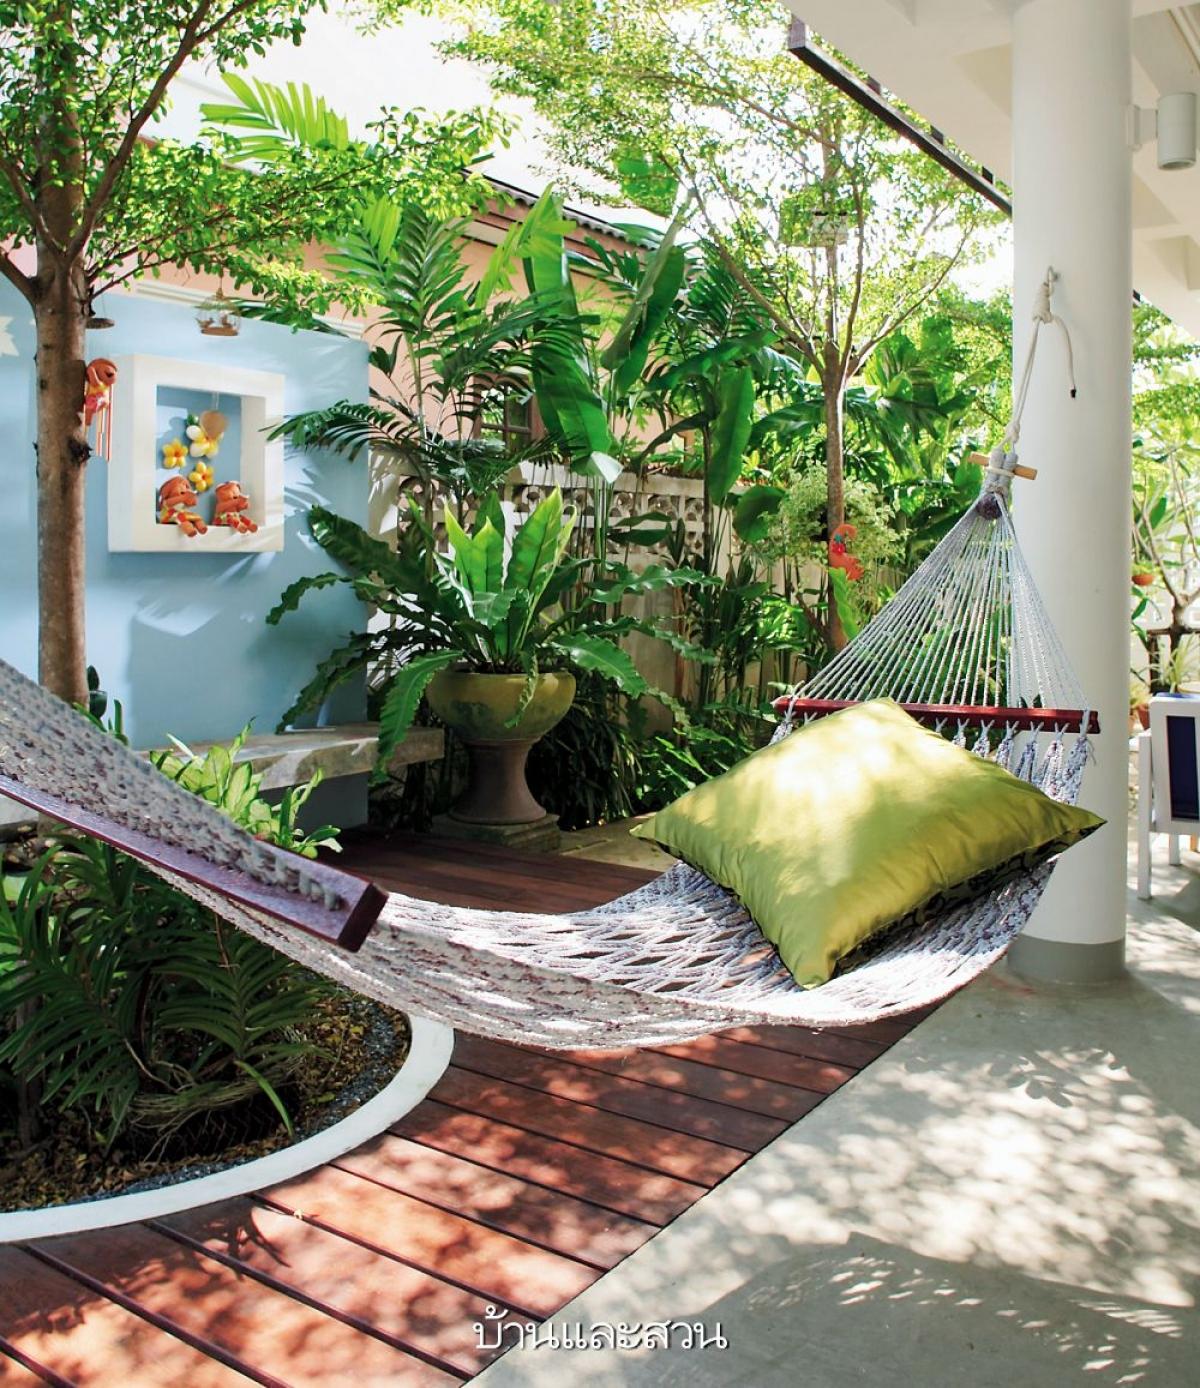 Trang trí một chiếc võng bên vườn cây xanh mang lại cho gia chủ một giấc ngủ trưa thật êm ái. Ngoài mang lại sự tươi mát, trong lành cây xanh còn như một sự che chắn cho khoảng riêng tư.